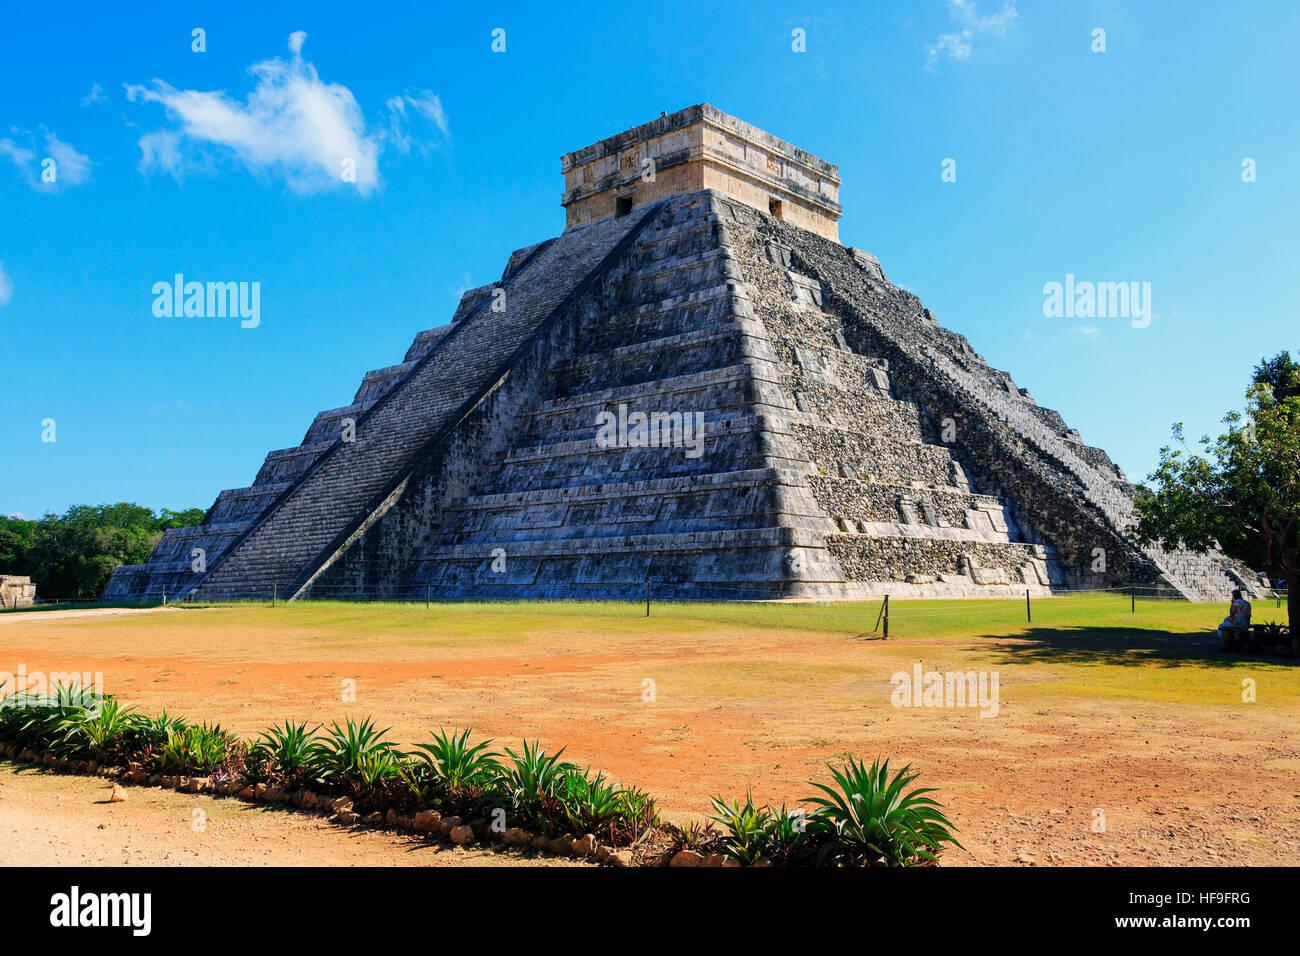 La struttura centrale del Castillo, nell'antico tempio Maya di Chichen Itza, Yucatan, Messico Foto Stock